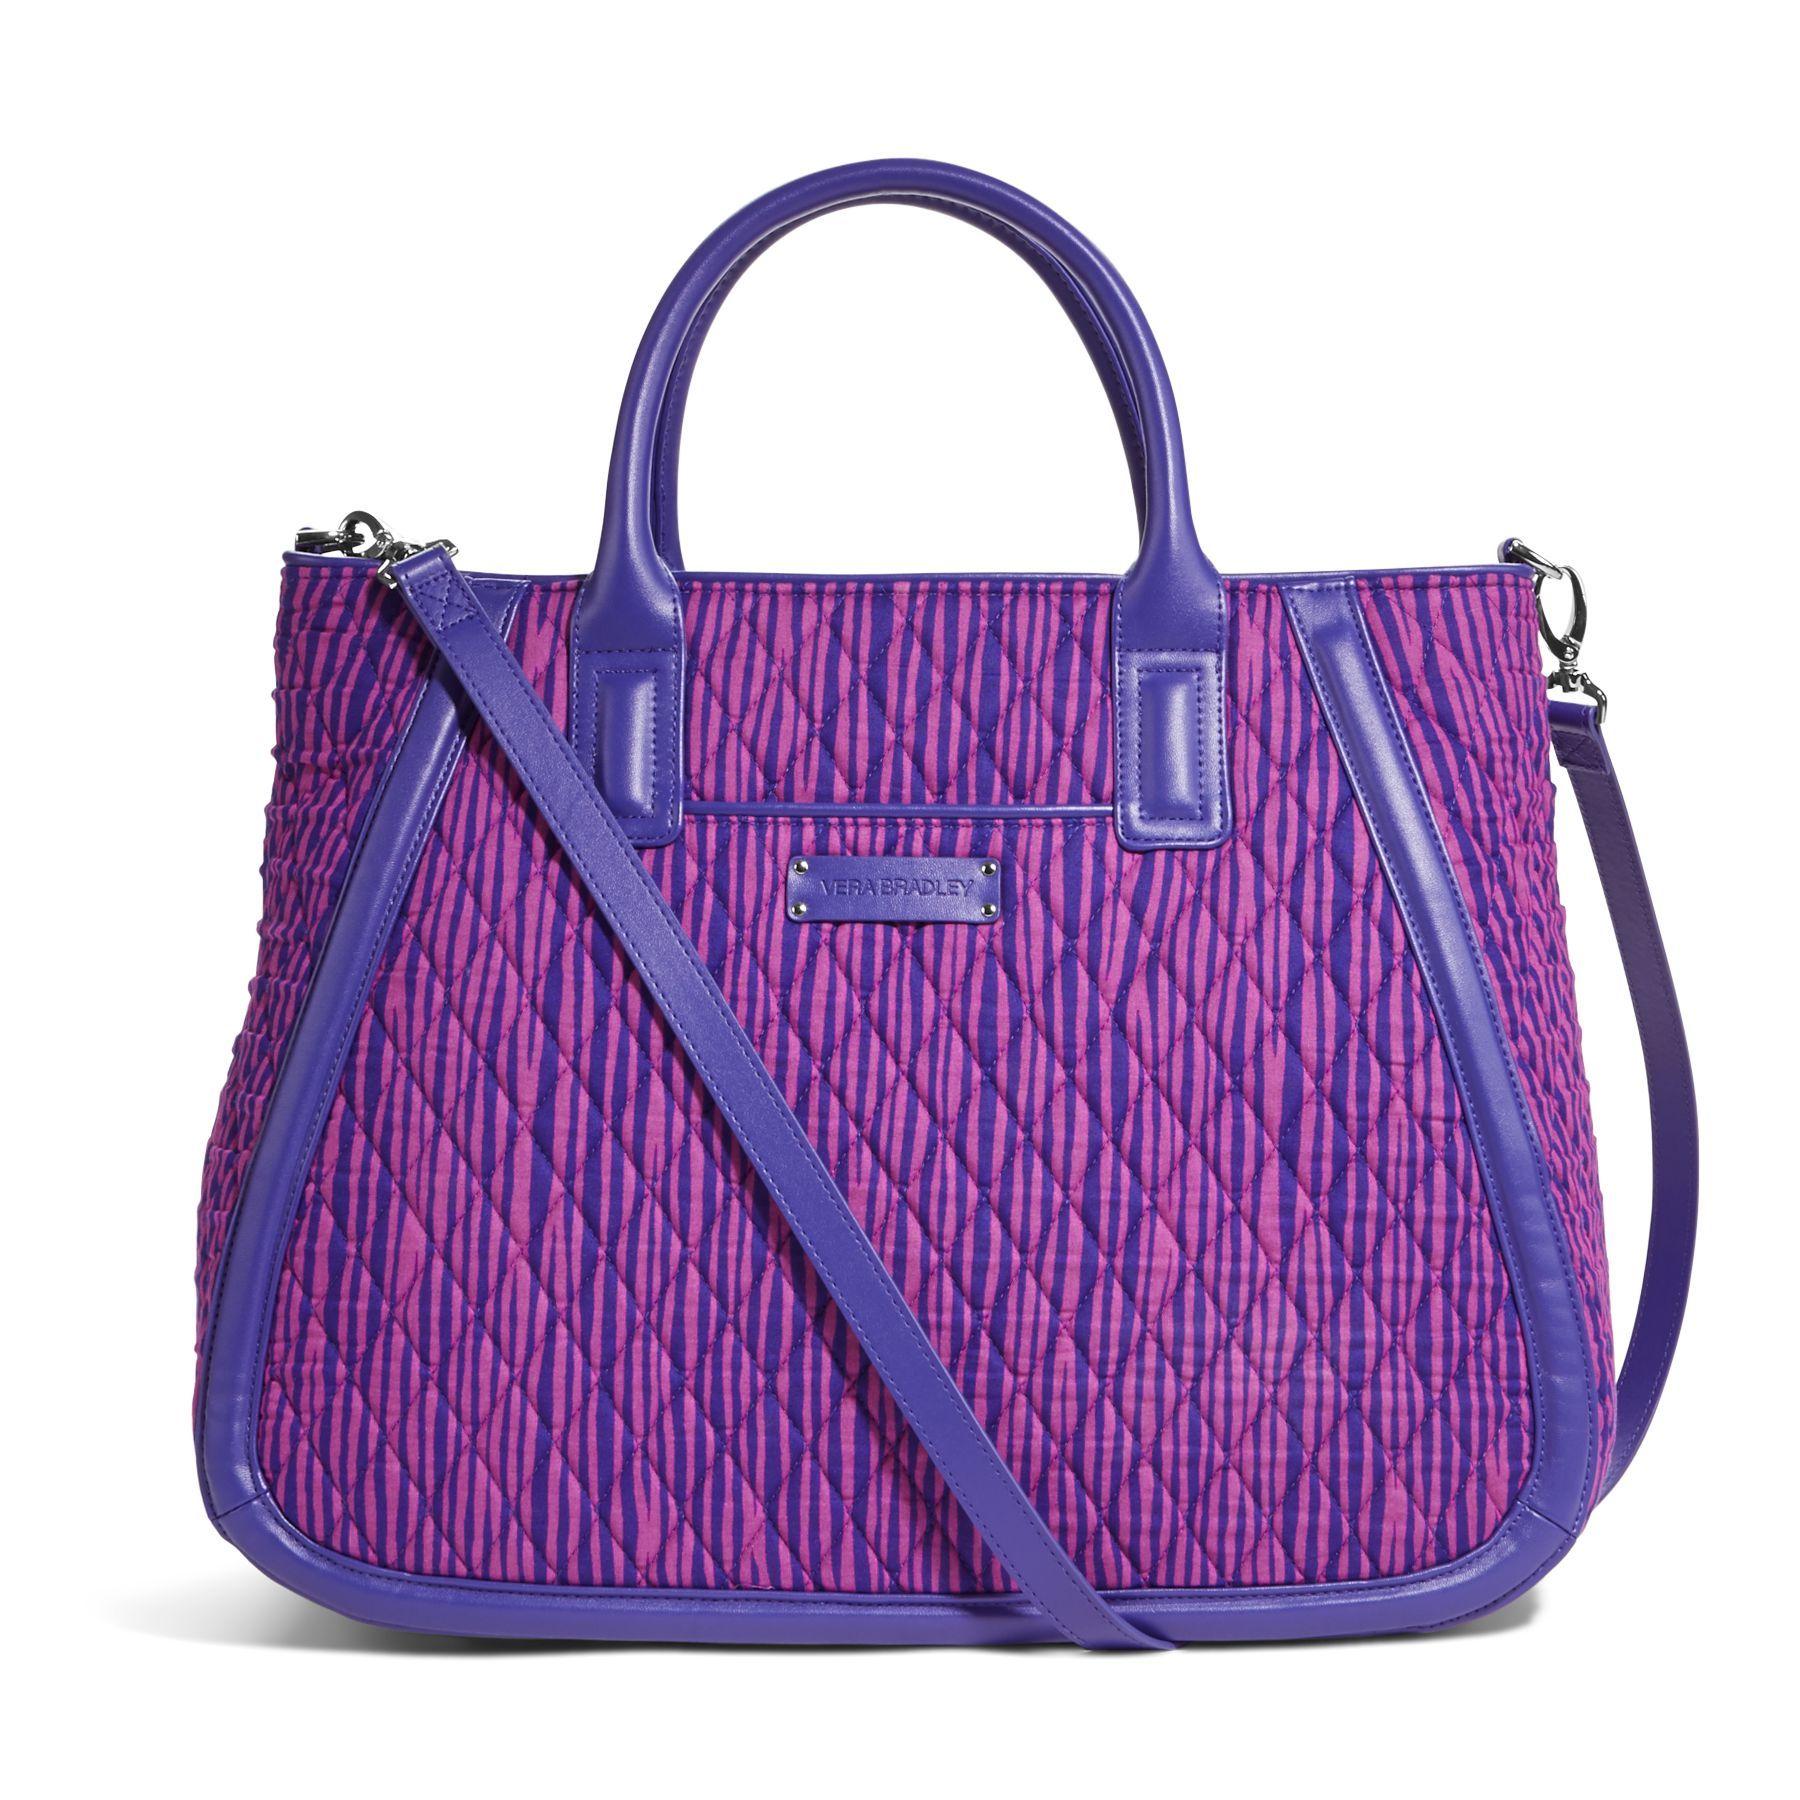 Vera Bradley Tze Tote Bag